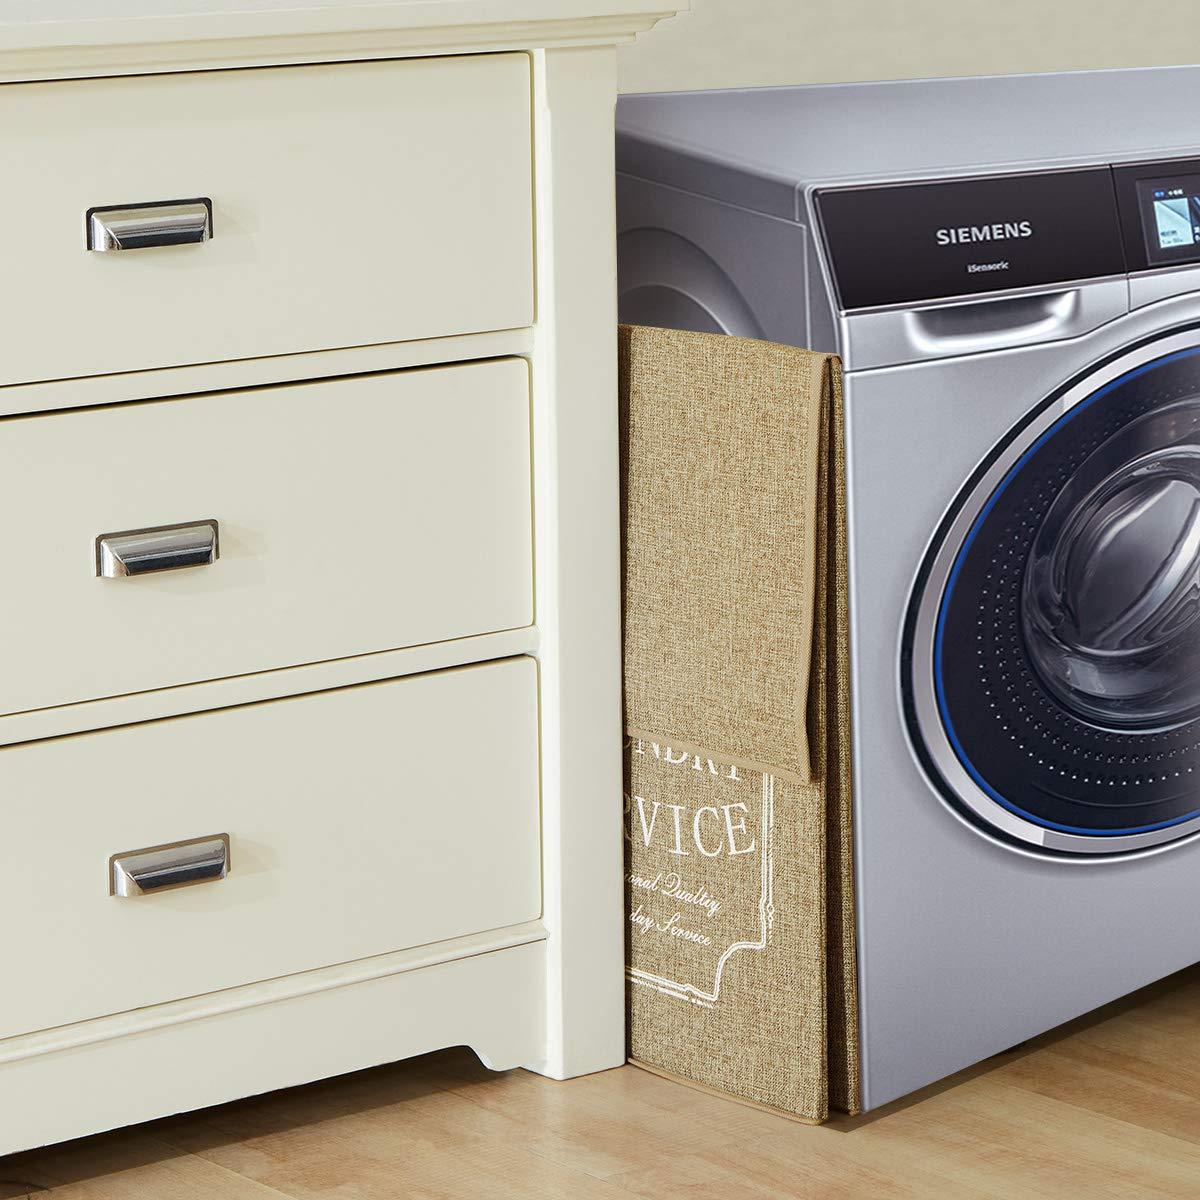 Bedroom Slim Tall Foldable Cloth Hamper for Closet College Dorm XL ...